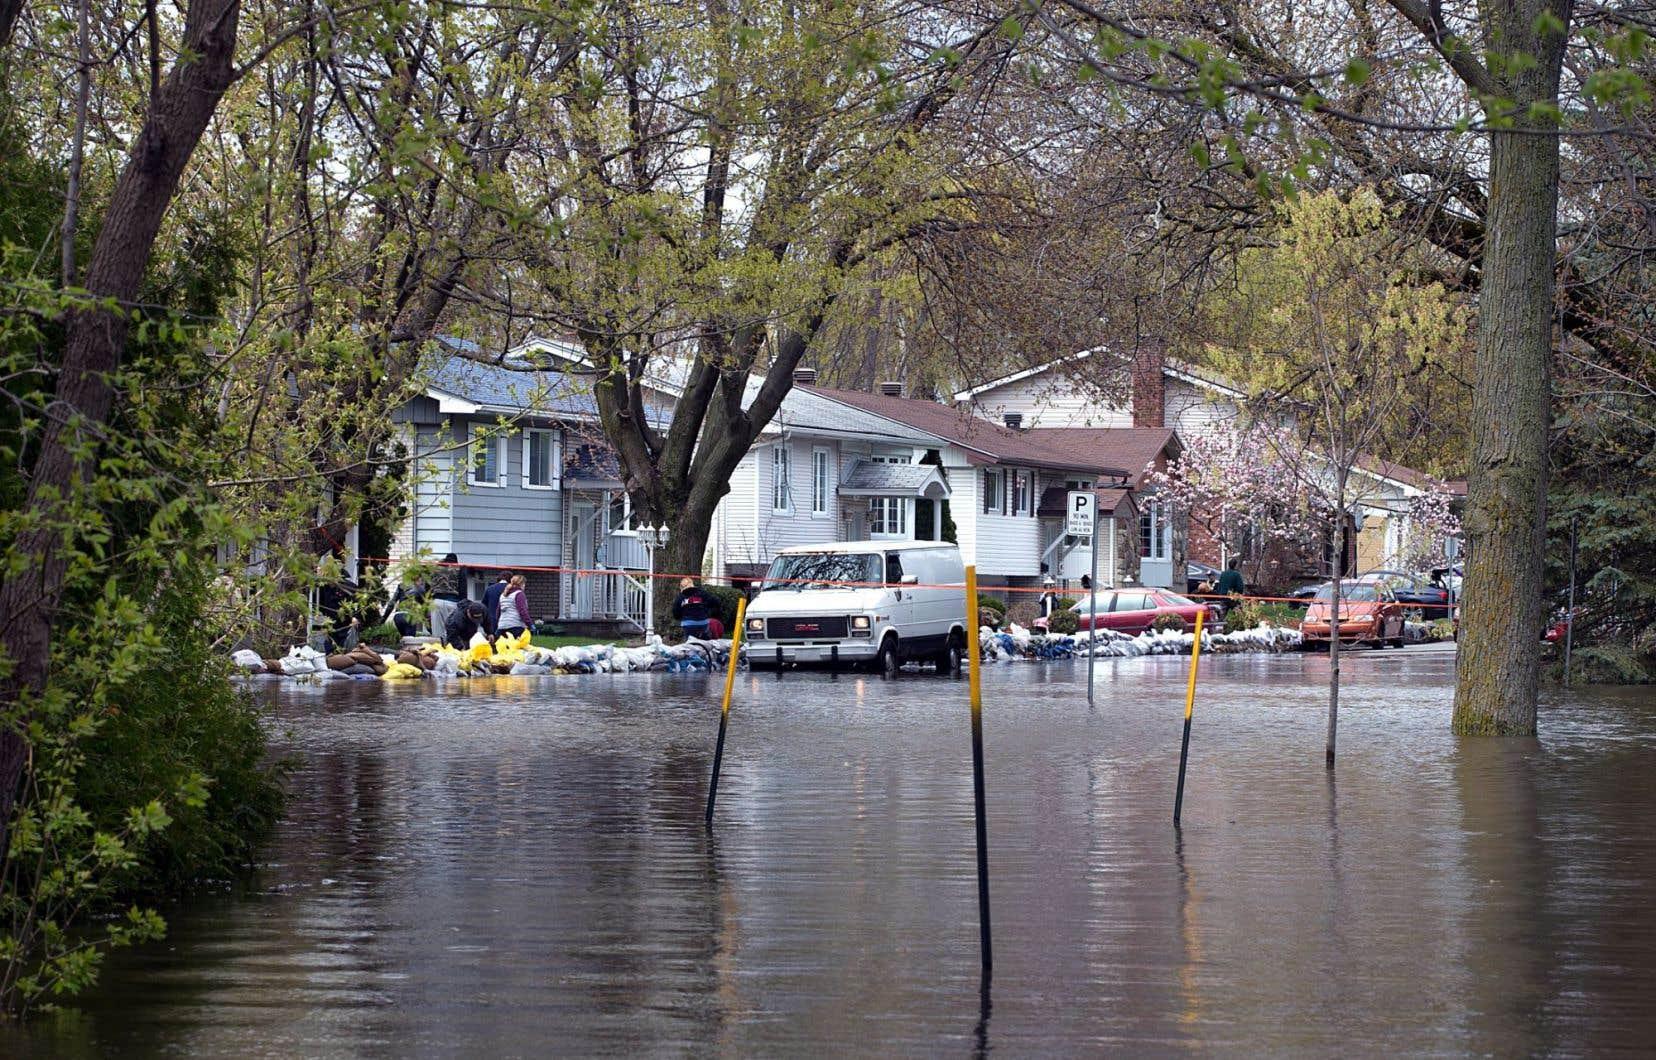 Le froid, la pluie, les vents violents et les inondations que nous connaissons ce printemps sont assez éloquents sur l'urgence d'agir pour stopper les dérèglements climatiques en cours, selon Louise Morand, du Comité vigilance hydrocarbures de L'Assomption.